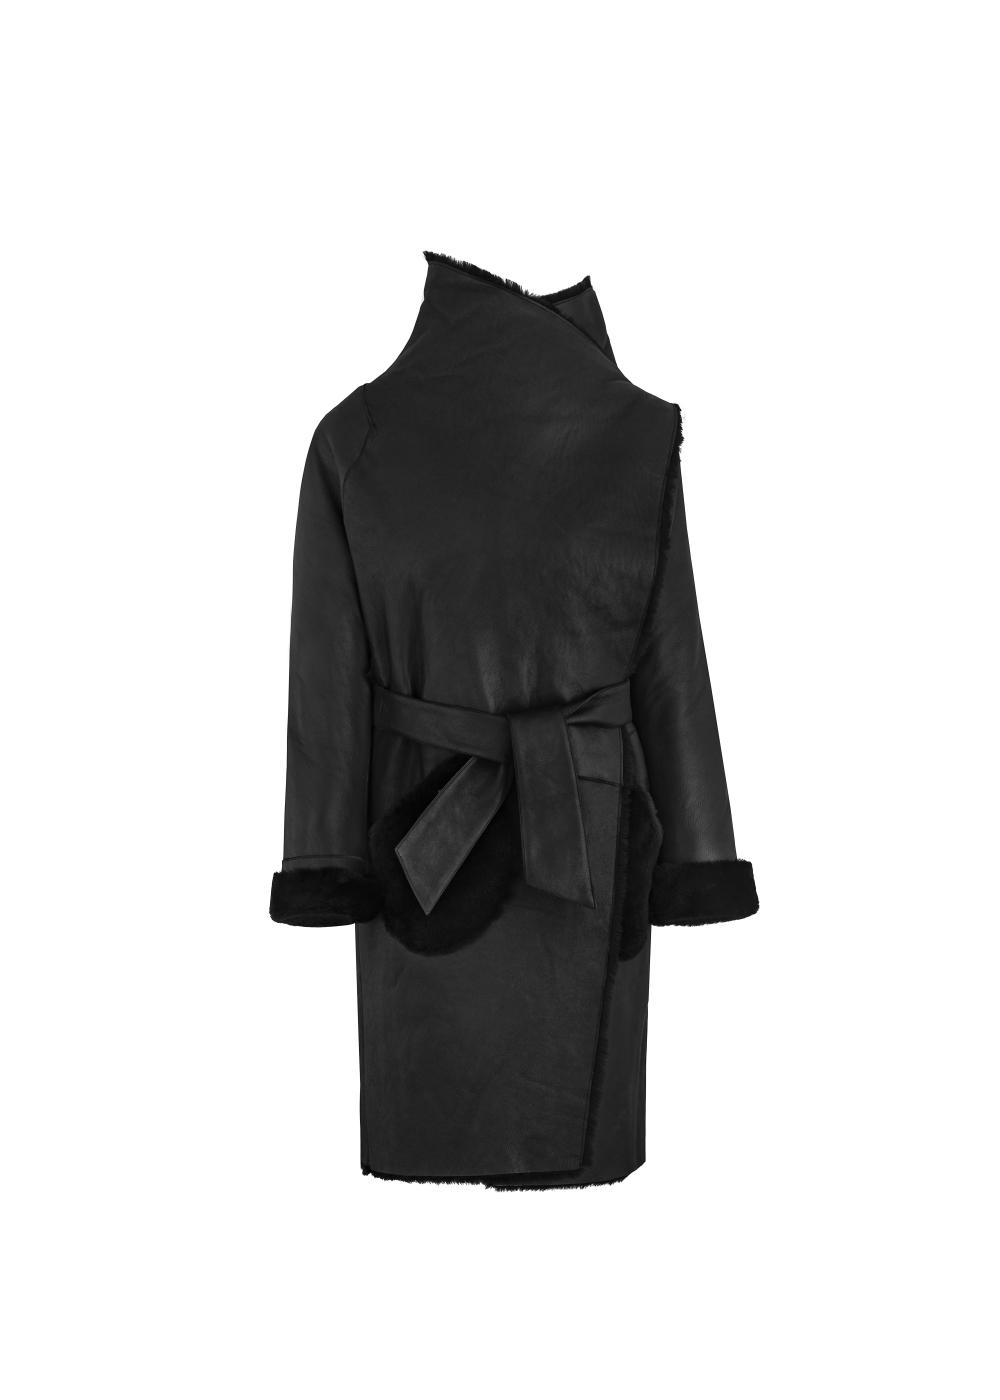 Czarny kożuch damski o kroju płaszcza KOZDS-0038-5405(Z20)